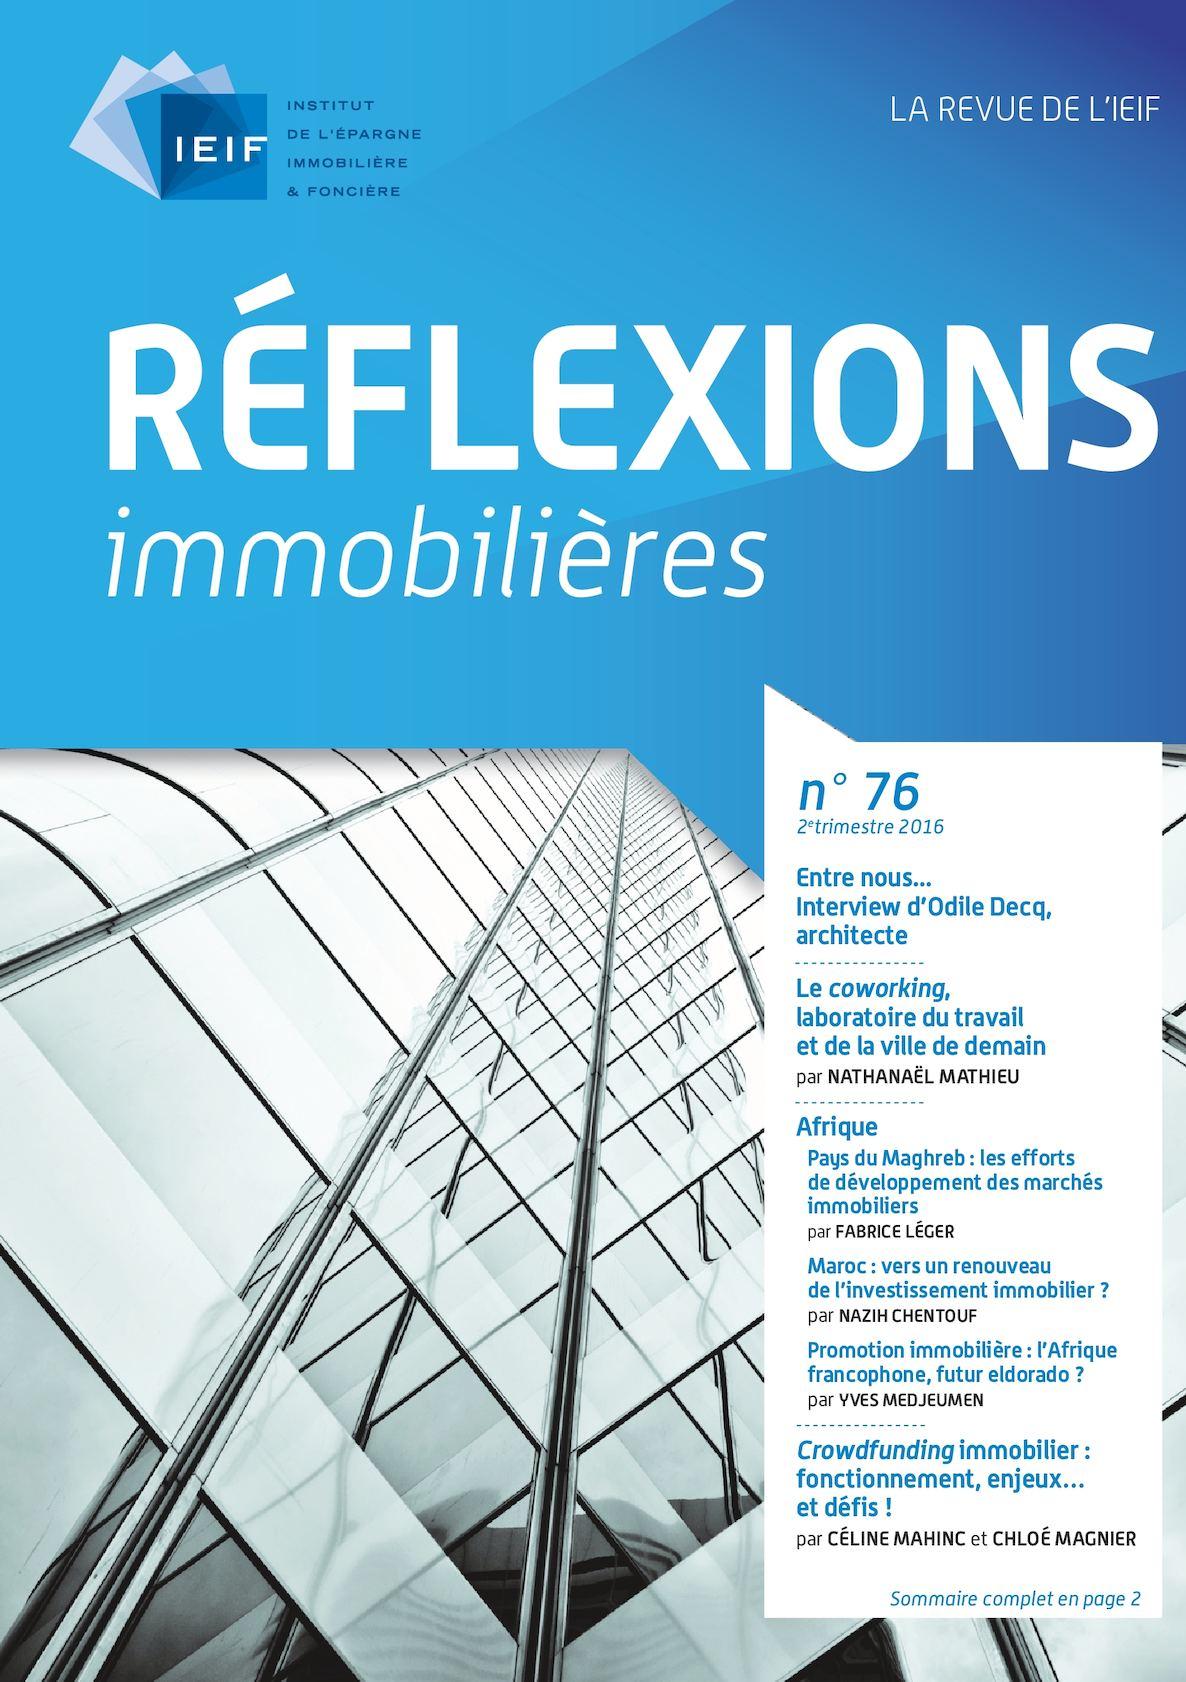 revue IEIF marketing immobilier pour la commercialisation des grands immeubles de bureaux